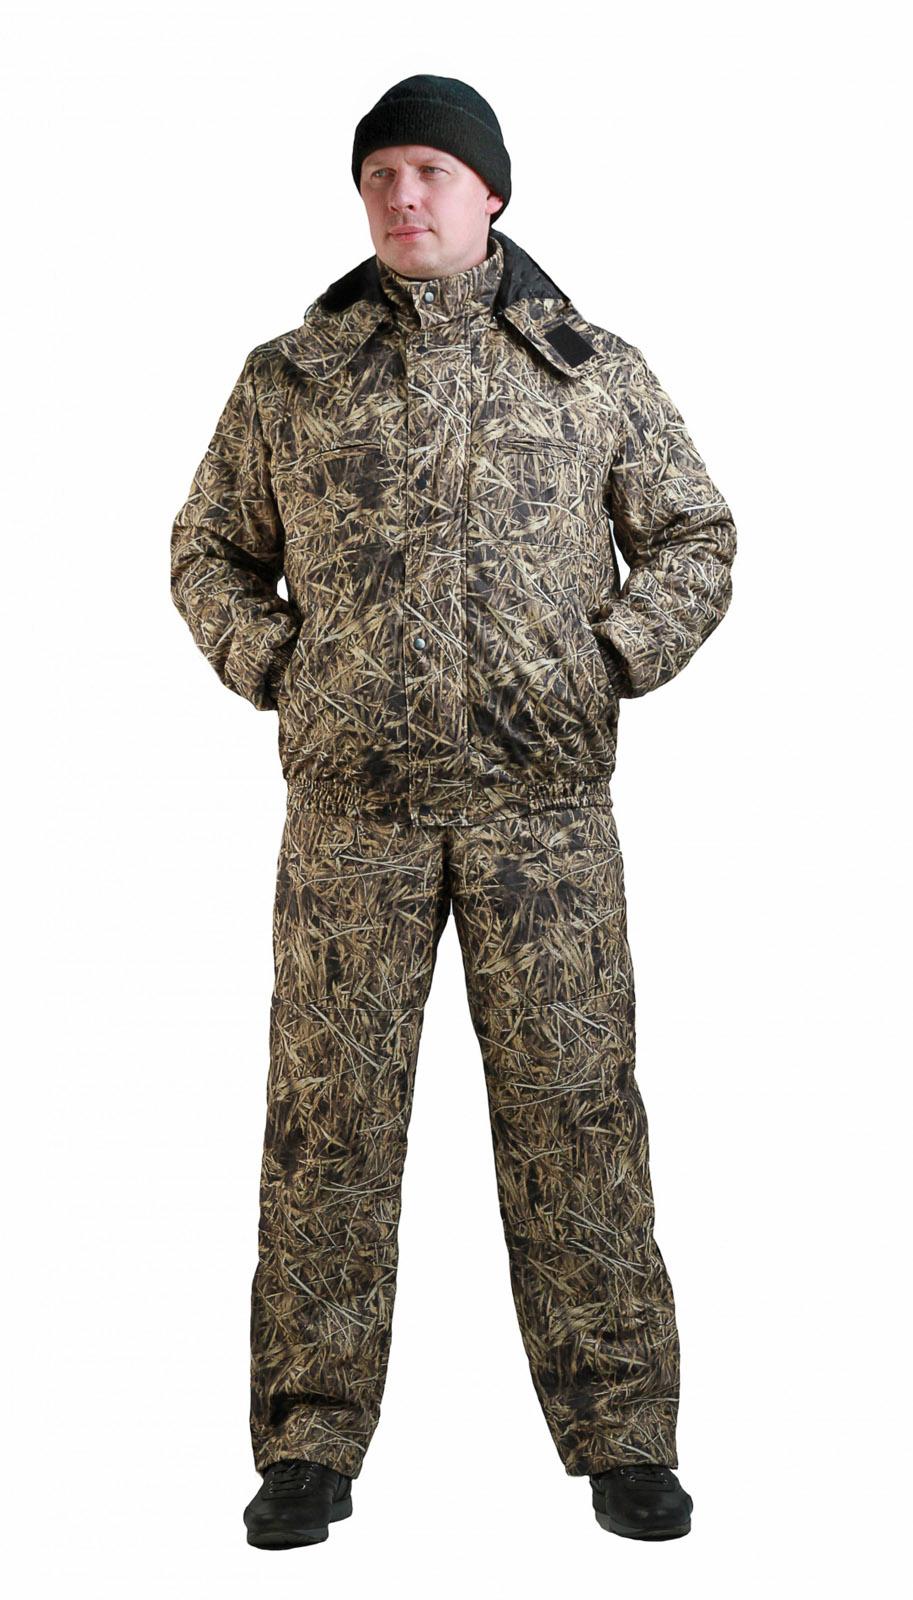 Костюм мужской Вихрь демисезонный кмф Костюмы неутепленные<br>Камуфлированный универсальный демисезонный <br>костюм для охоты, рыбалки и активного отдыха. <br>Состоит из укороченной куртки с капюшоном <br>и полукомбинезона. Куртка: • Регулируемый <br>капюшон - воротник на флисе. • Центральная <br>застежка молния закрыта ветрозащитной <br>планкой на кнопках. • Нижние прорезные <br>карманы на молнию, нагрудные накладные <br>карманы с клапаном на кнопке и накладной <br>карман с клапаном на кнопке на рукаве. • <br>Низ куртки и манжеты на широкой резинке. <br>Полукомбинезон • Высокая спинка и полочка <br>• Застежка центральная на молнию.. • Два <br>верхних прорезных кармана и один накладной <br>боковой с клапаном на кнопке • Талия регулируется <br>резинкой. • Низ брюк регулируется шнуром <br>с фиксатором.<br><br>Пол: мужской<br>Размер: 56-58<br>Рост: 182-188<br>Сезон: демисезонный<br>Цвет: коричневый<br>Материал: Алова (100% полиэстер) пл. 225 г/м.кв - трикот.полотно